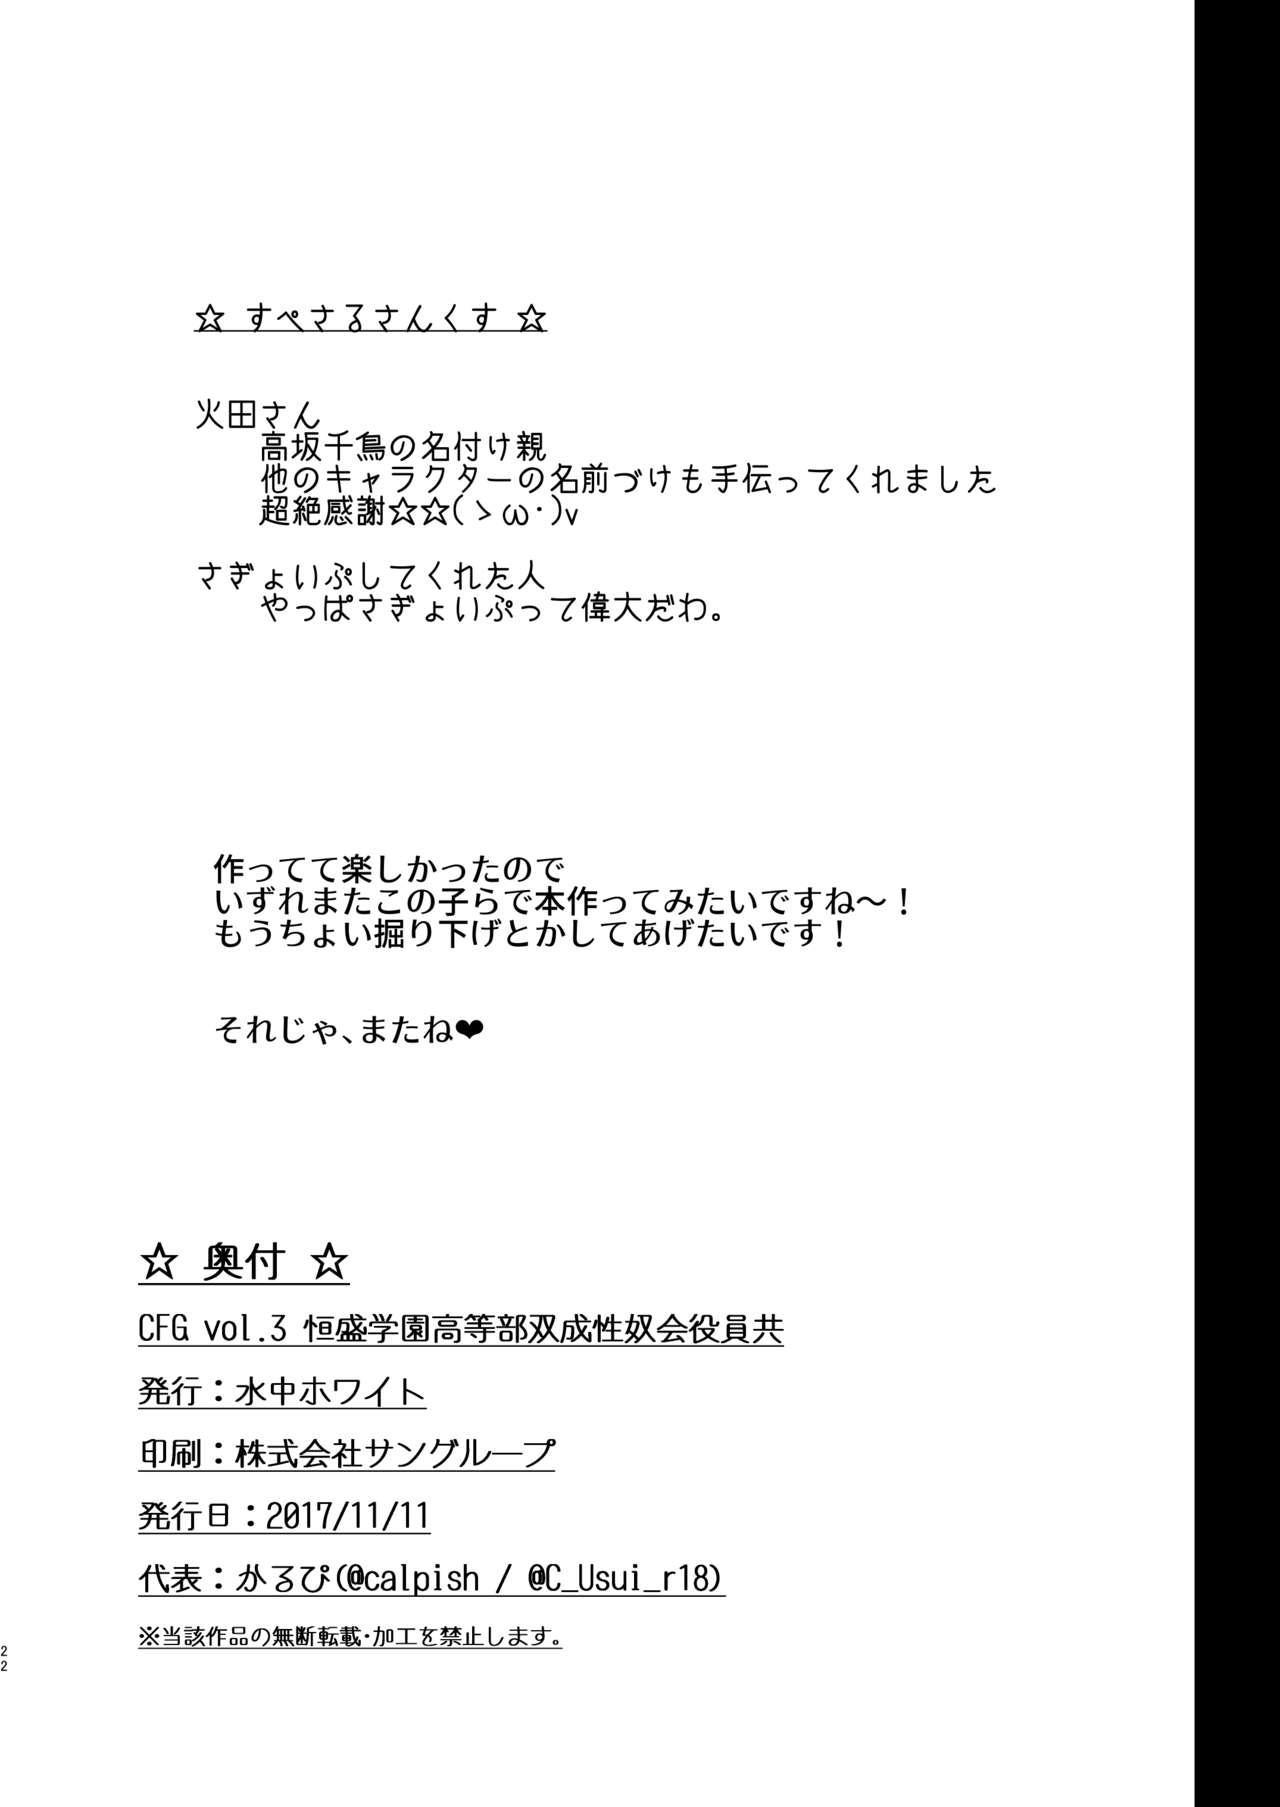 CFG Vol. 3 20